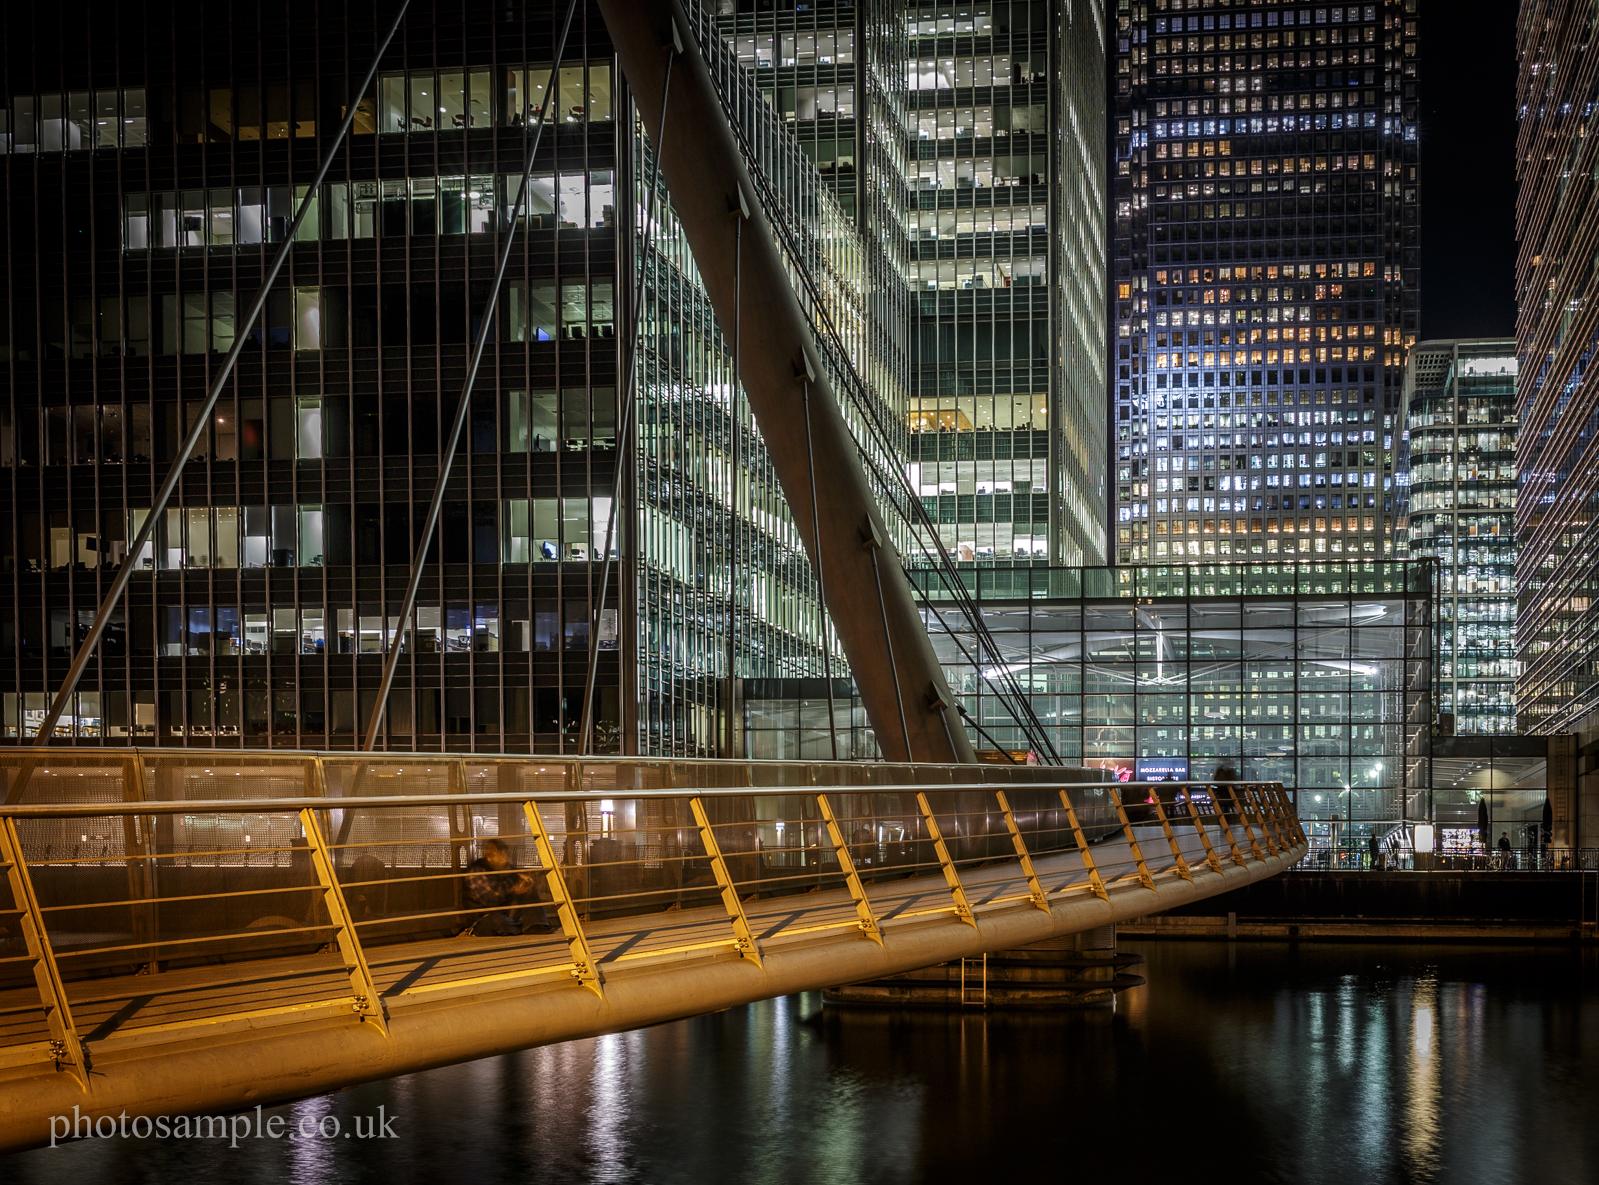 Buildings in London 2